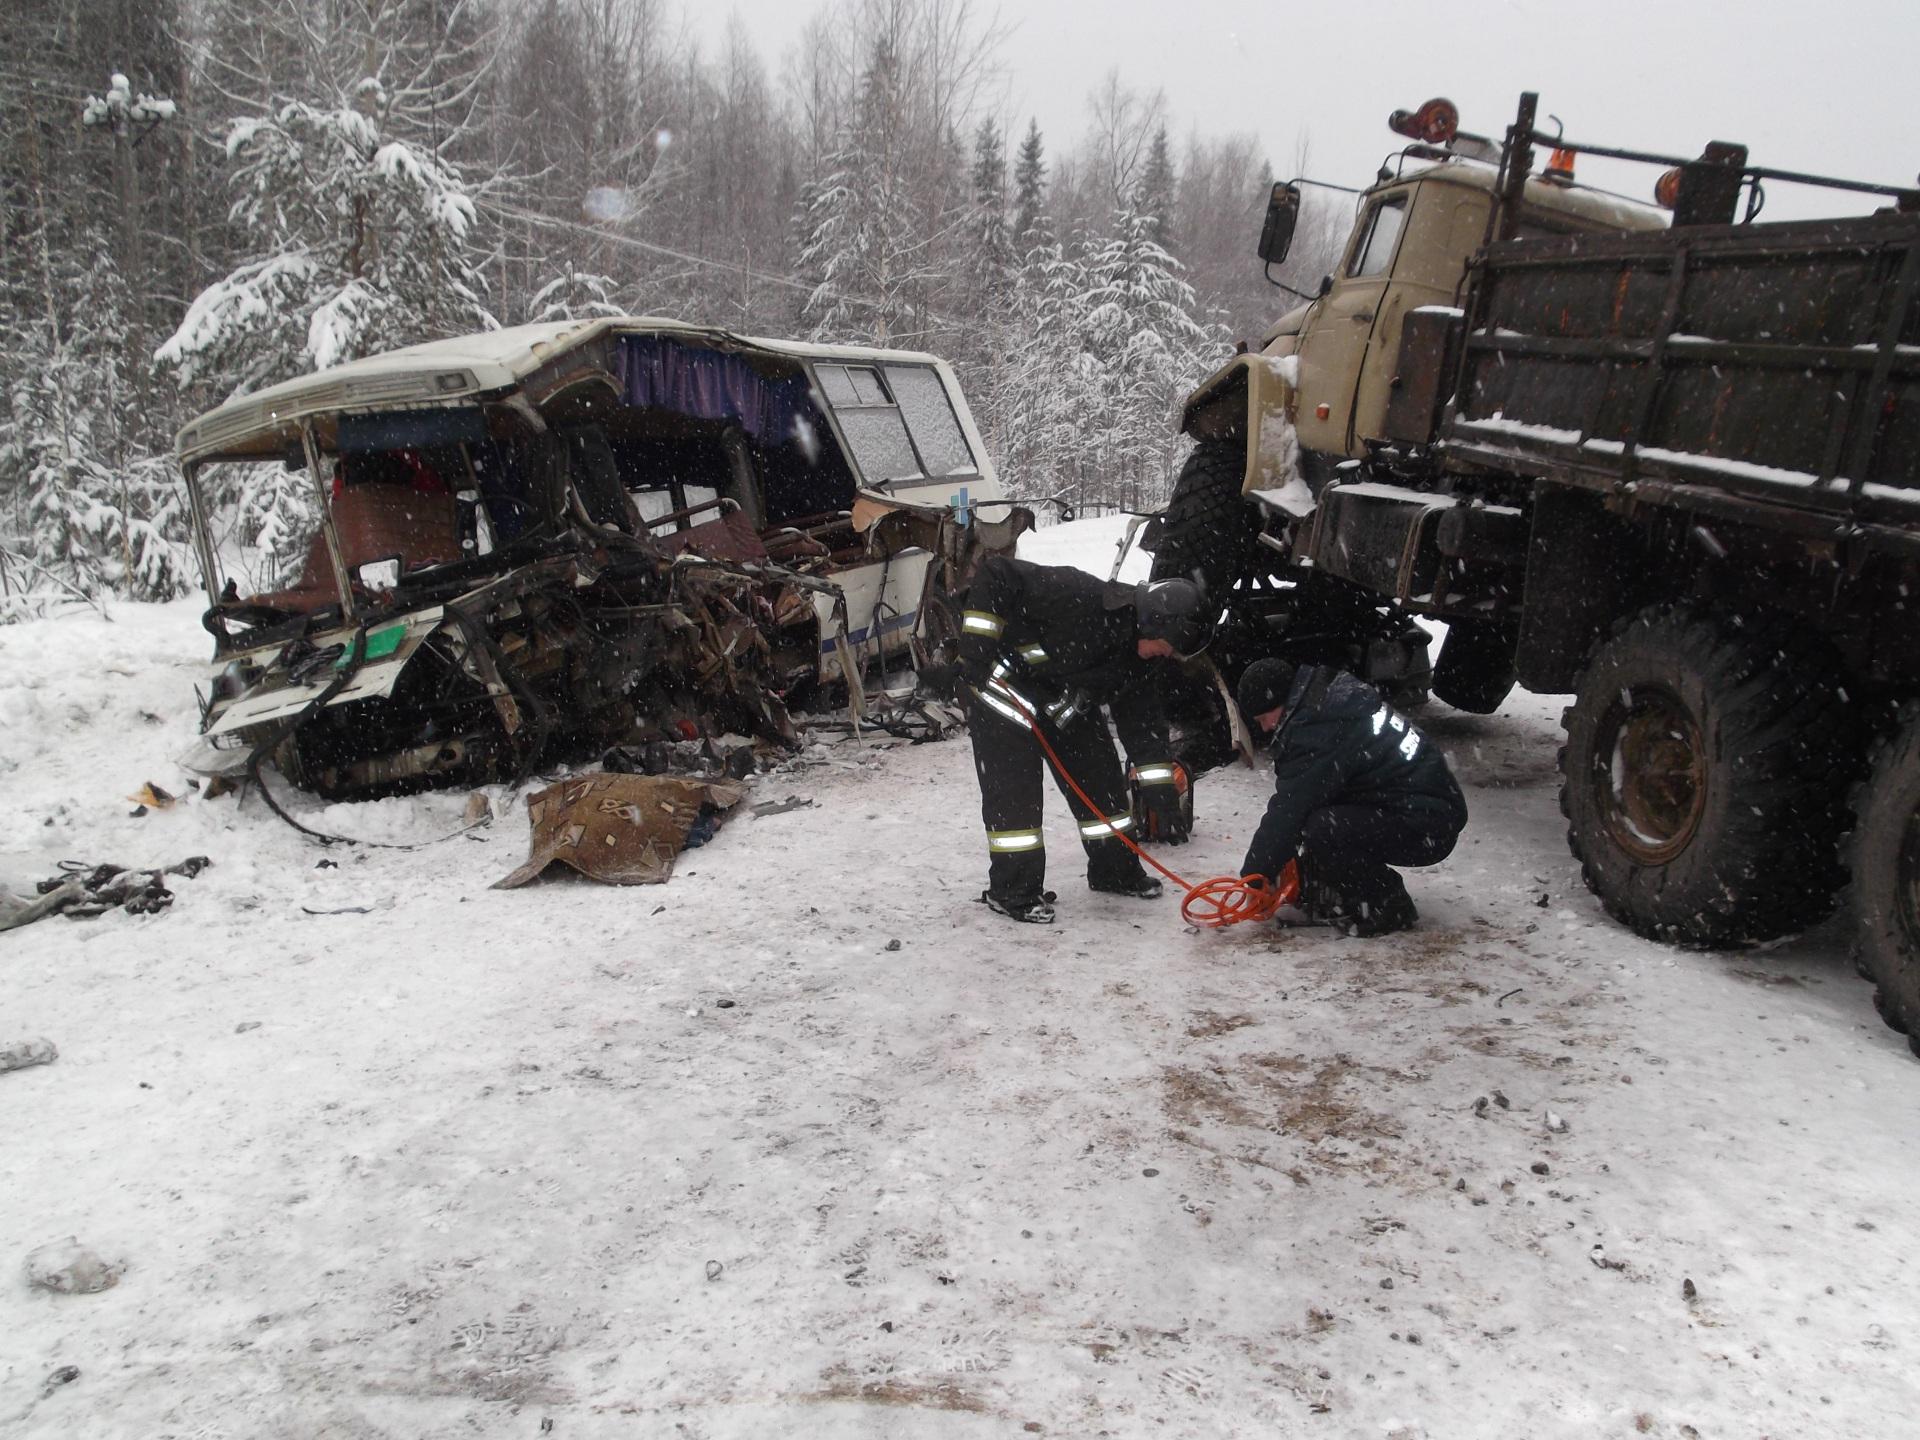 Виновник смертельного ДТП с пассажирским автобусом в Удорском районе выслушал приговор